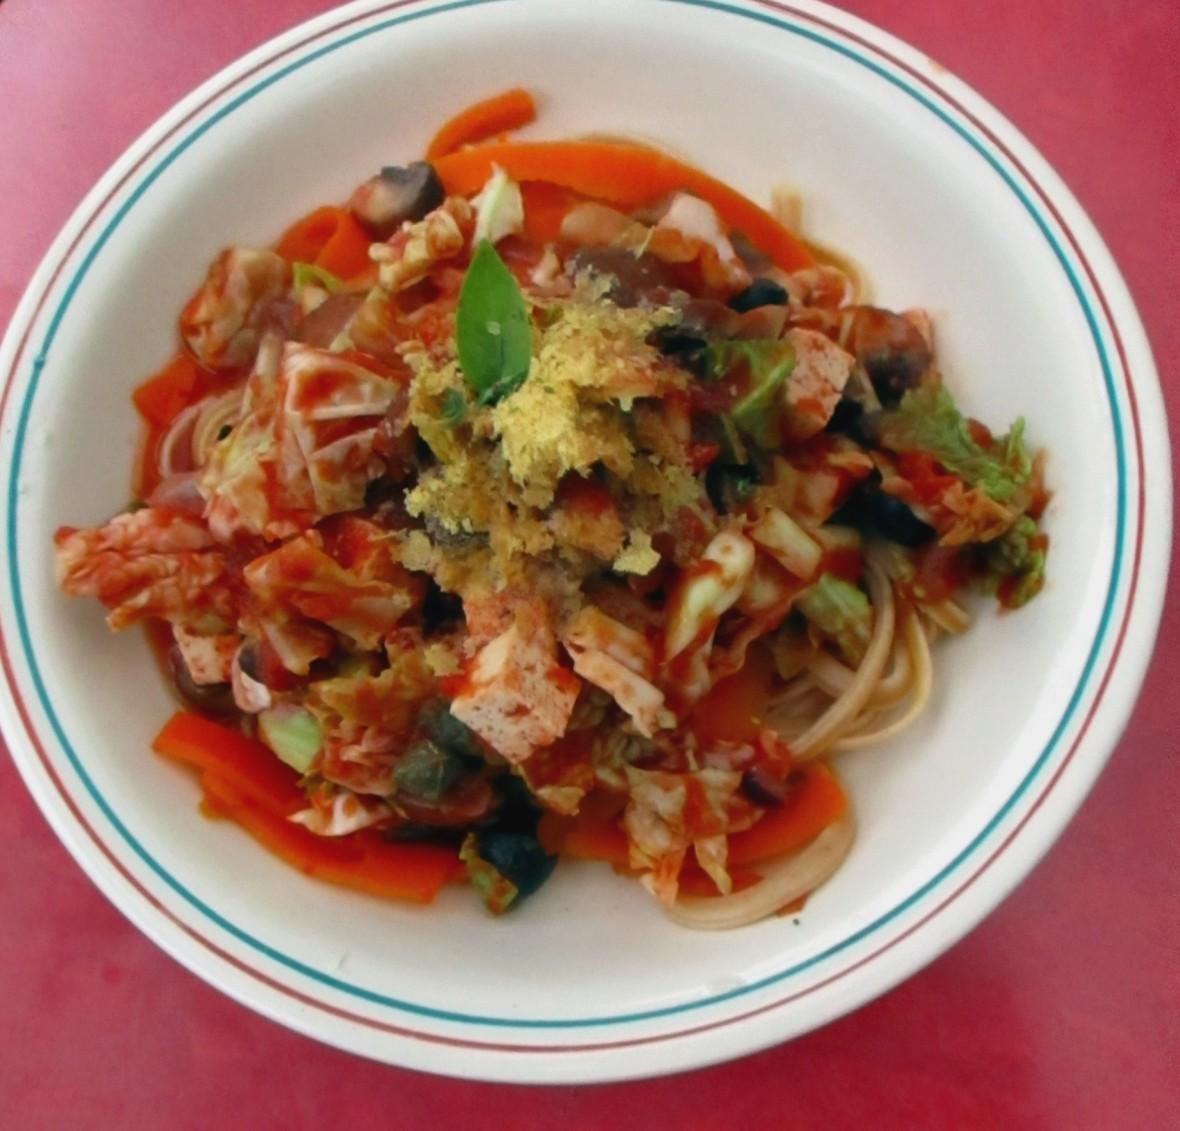 tagliatelle met savooi en champignons groene kool vegan veganistisch eivrij lactosevrij vegetarisch